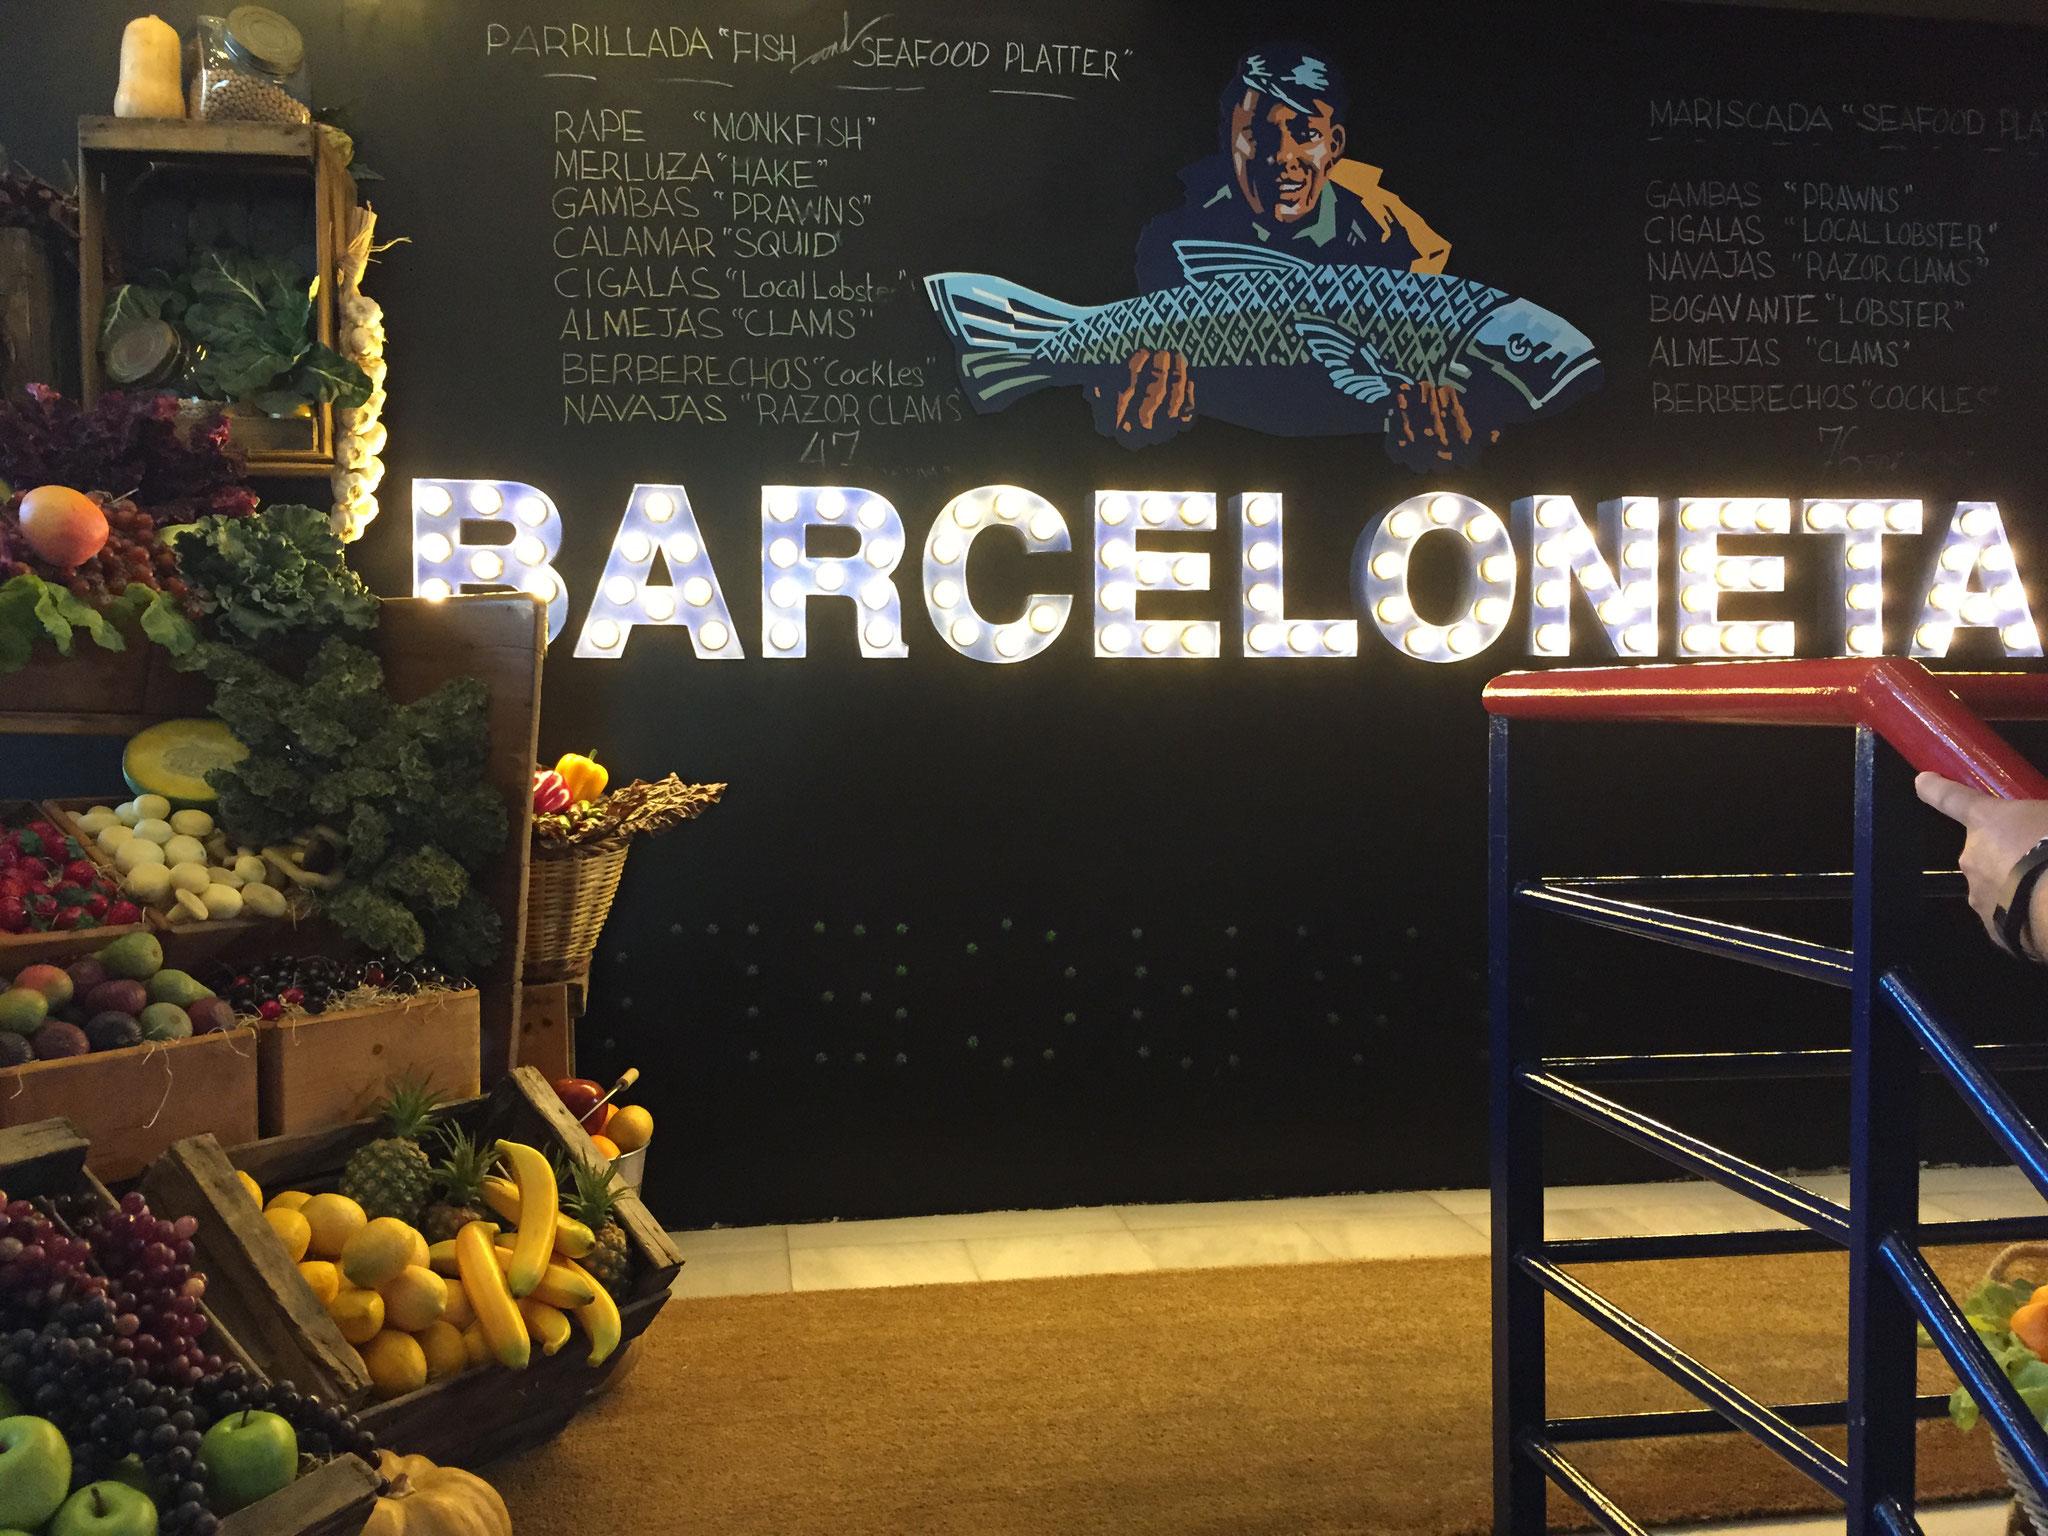 image 2 3 7 1 | Barcelona ist unsere absolute Lieblingsstadt und wir versuchen mindestensalle 2 Jahre dorthin zu reisen. Nicht nur, dass die spanische Großstadt unglaublich vielseitig ist, auch kulinarisch weiß sie voll und ganz zu überzeugen. Denn auch hier zeigt sich die Wandelbarkeit der Stadt, die sowohl einen wunderschönen Strand aber auch ein urbanes, pulsierendes Stadtleben zu bieten hat. Daher wurde es höchste Zeit, dass wir euch unsere Lieblingsrestaurants in Barcelona vorstellen, denn hier gibt es definitiv nicht nur Tapas (auch wenn Tapas grandios sind).